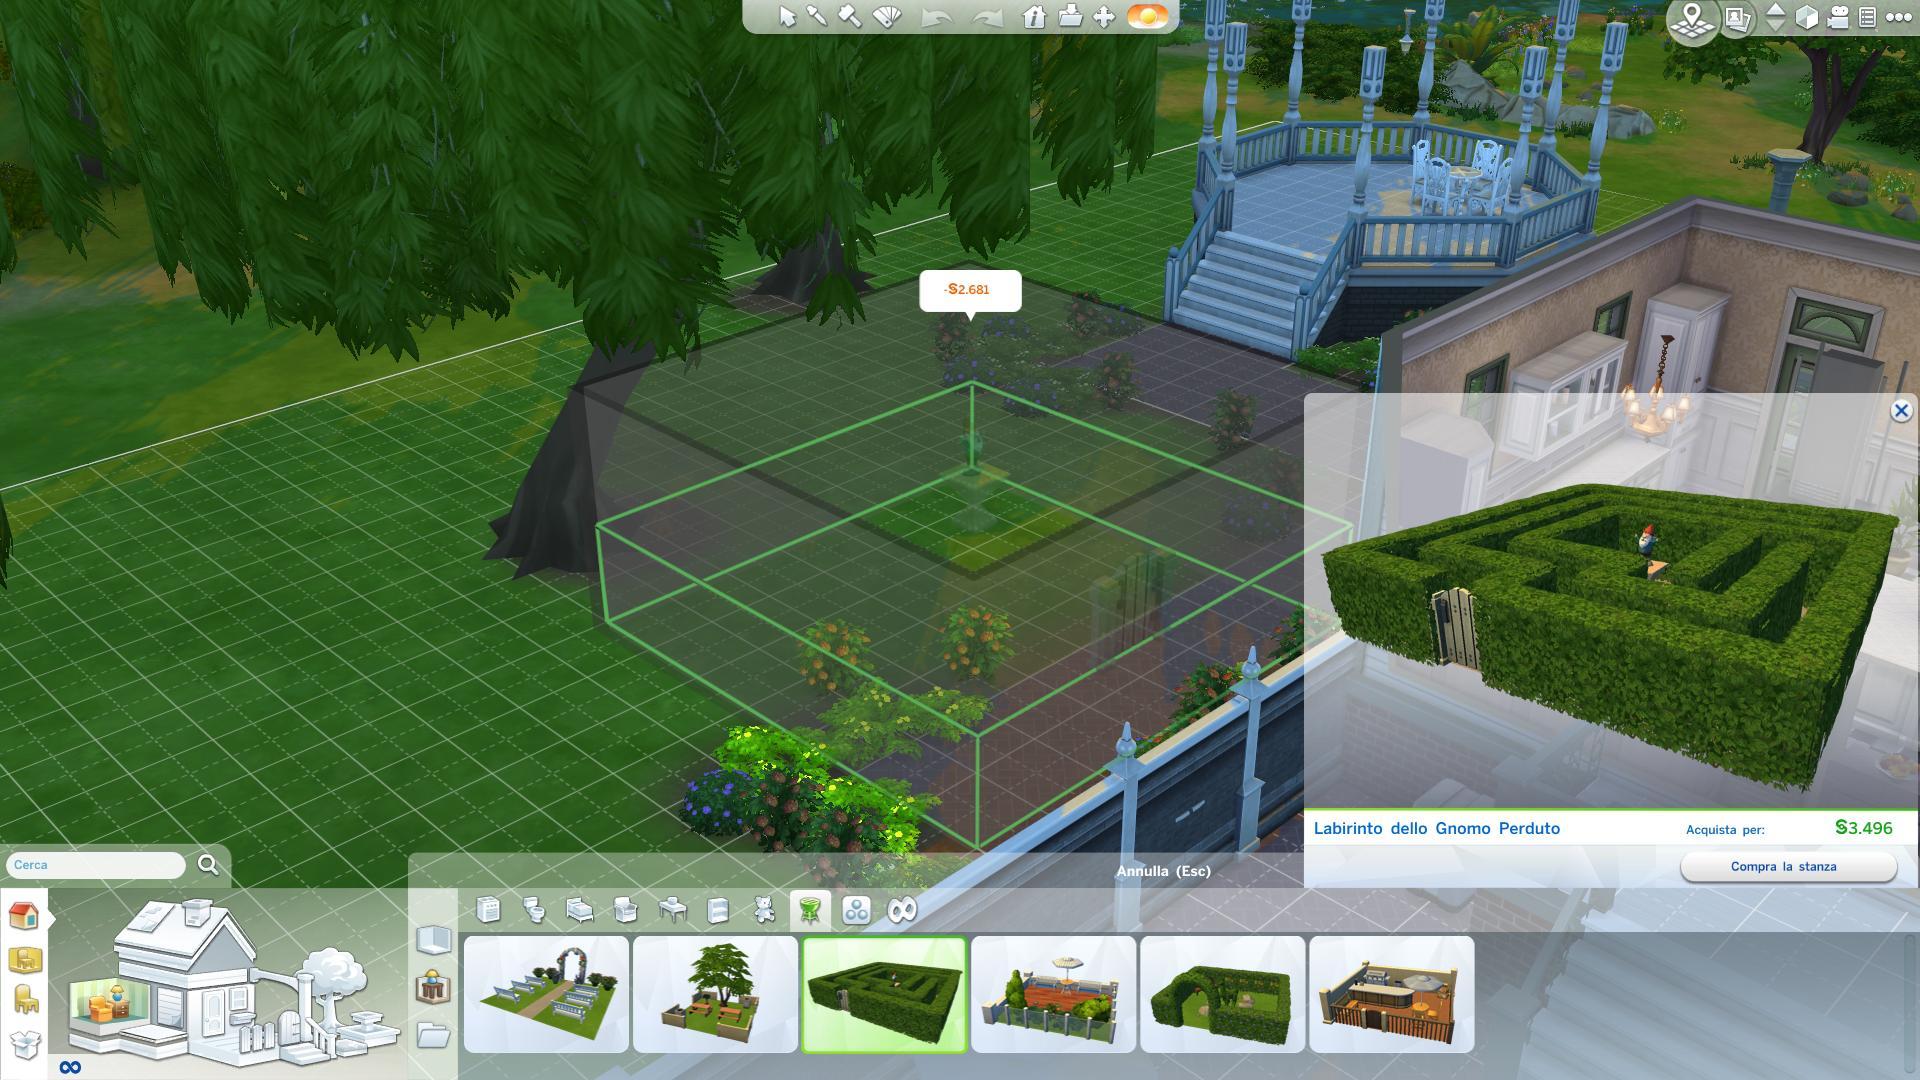 The sims 4 recensione pc for Costruisci tu stesso piani di casa